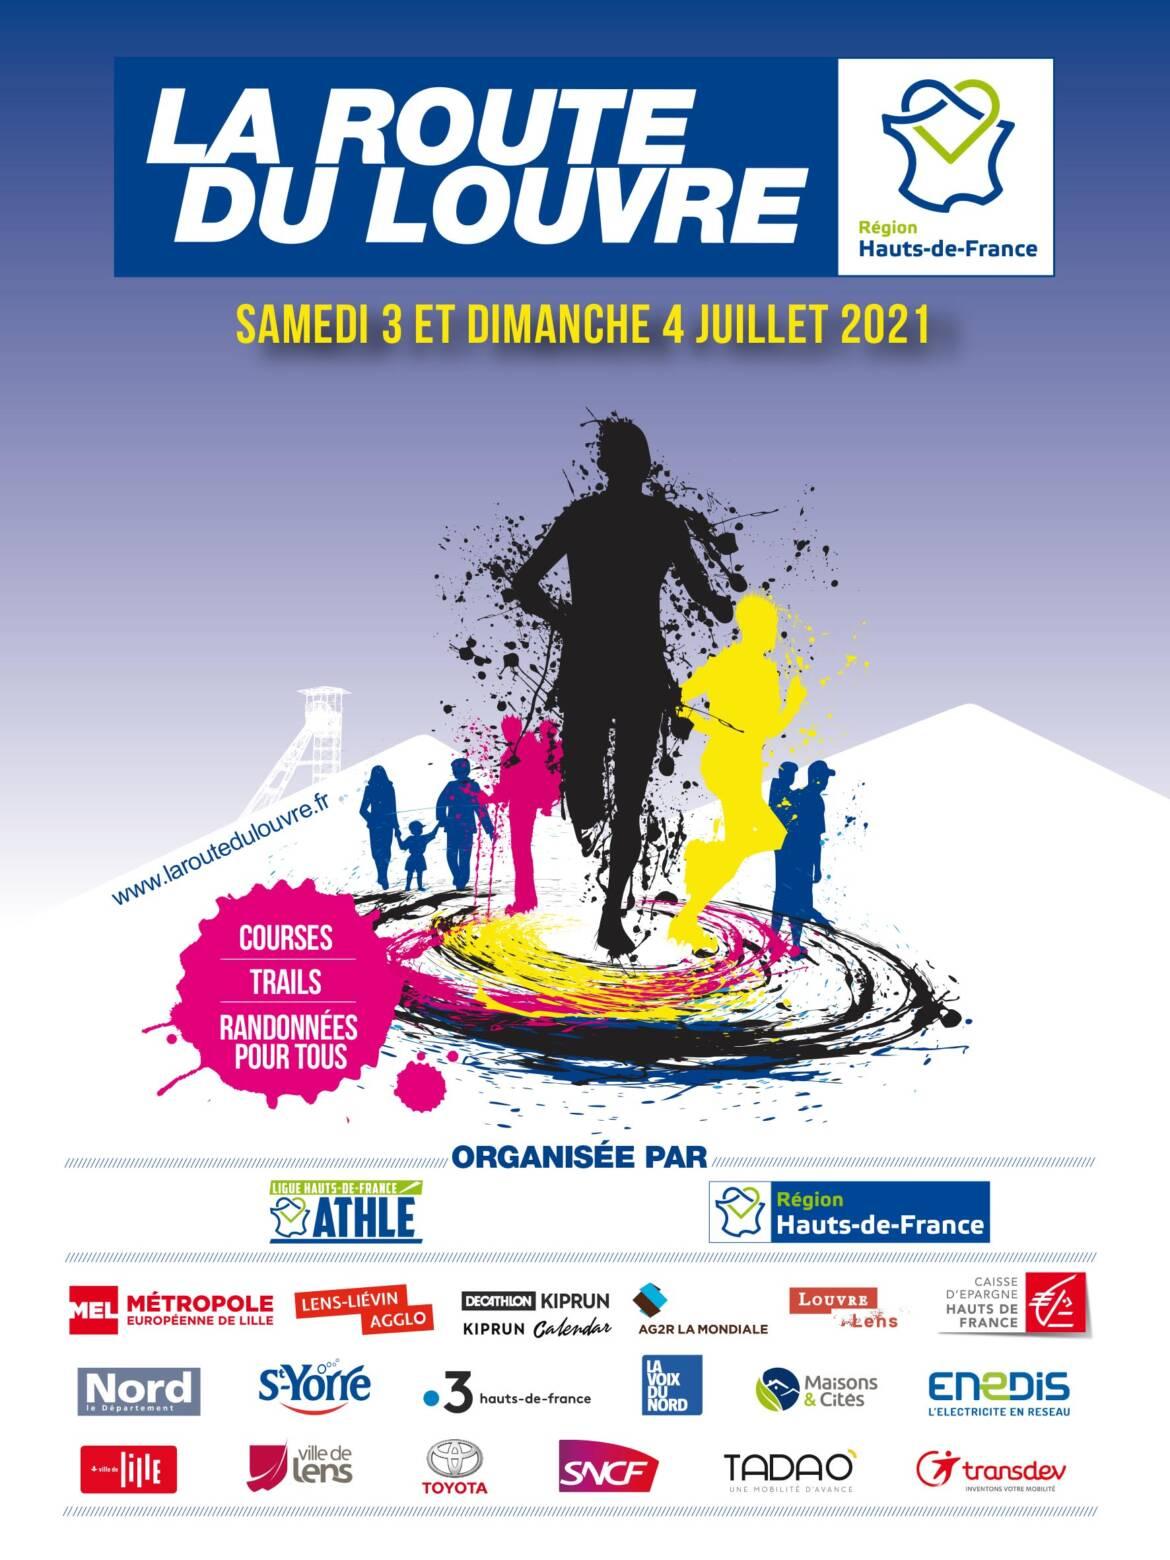 Route du Louvre 2021 : Nouvelle date